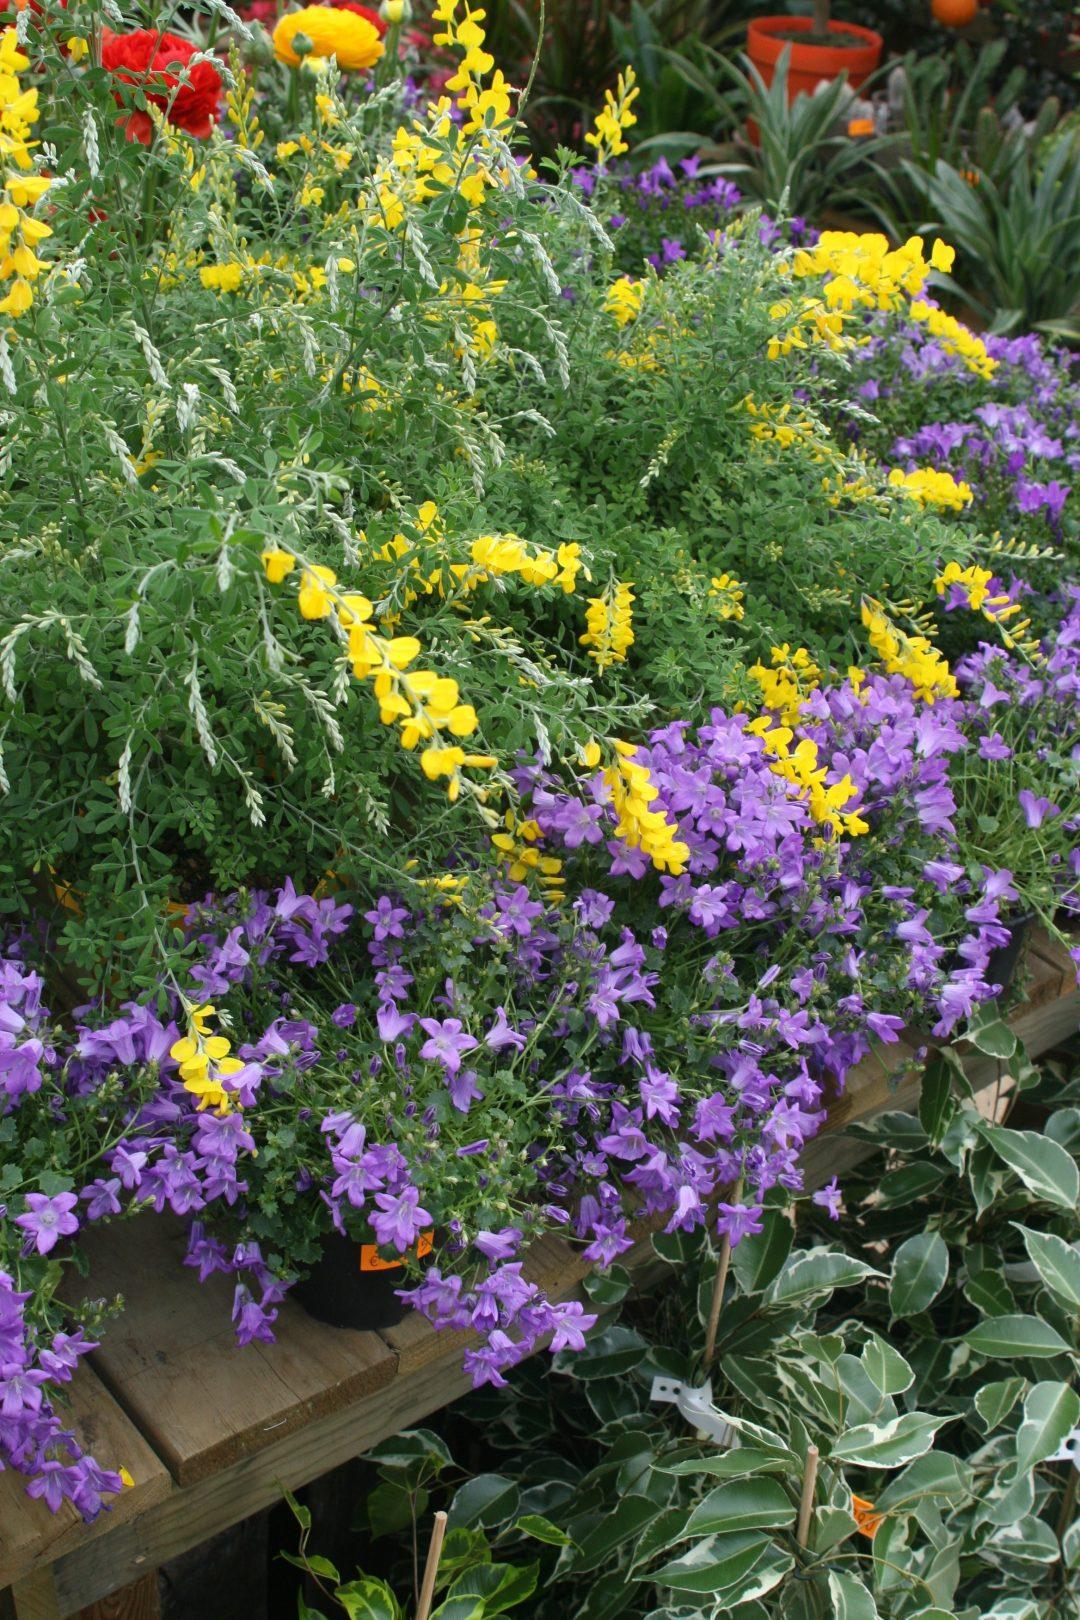 jardinerie perigny garden vente plante fleur jardin - 94 val de marne (25)